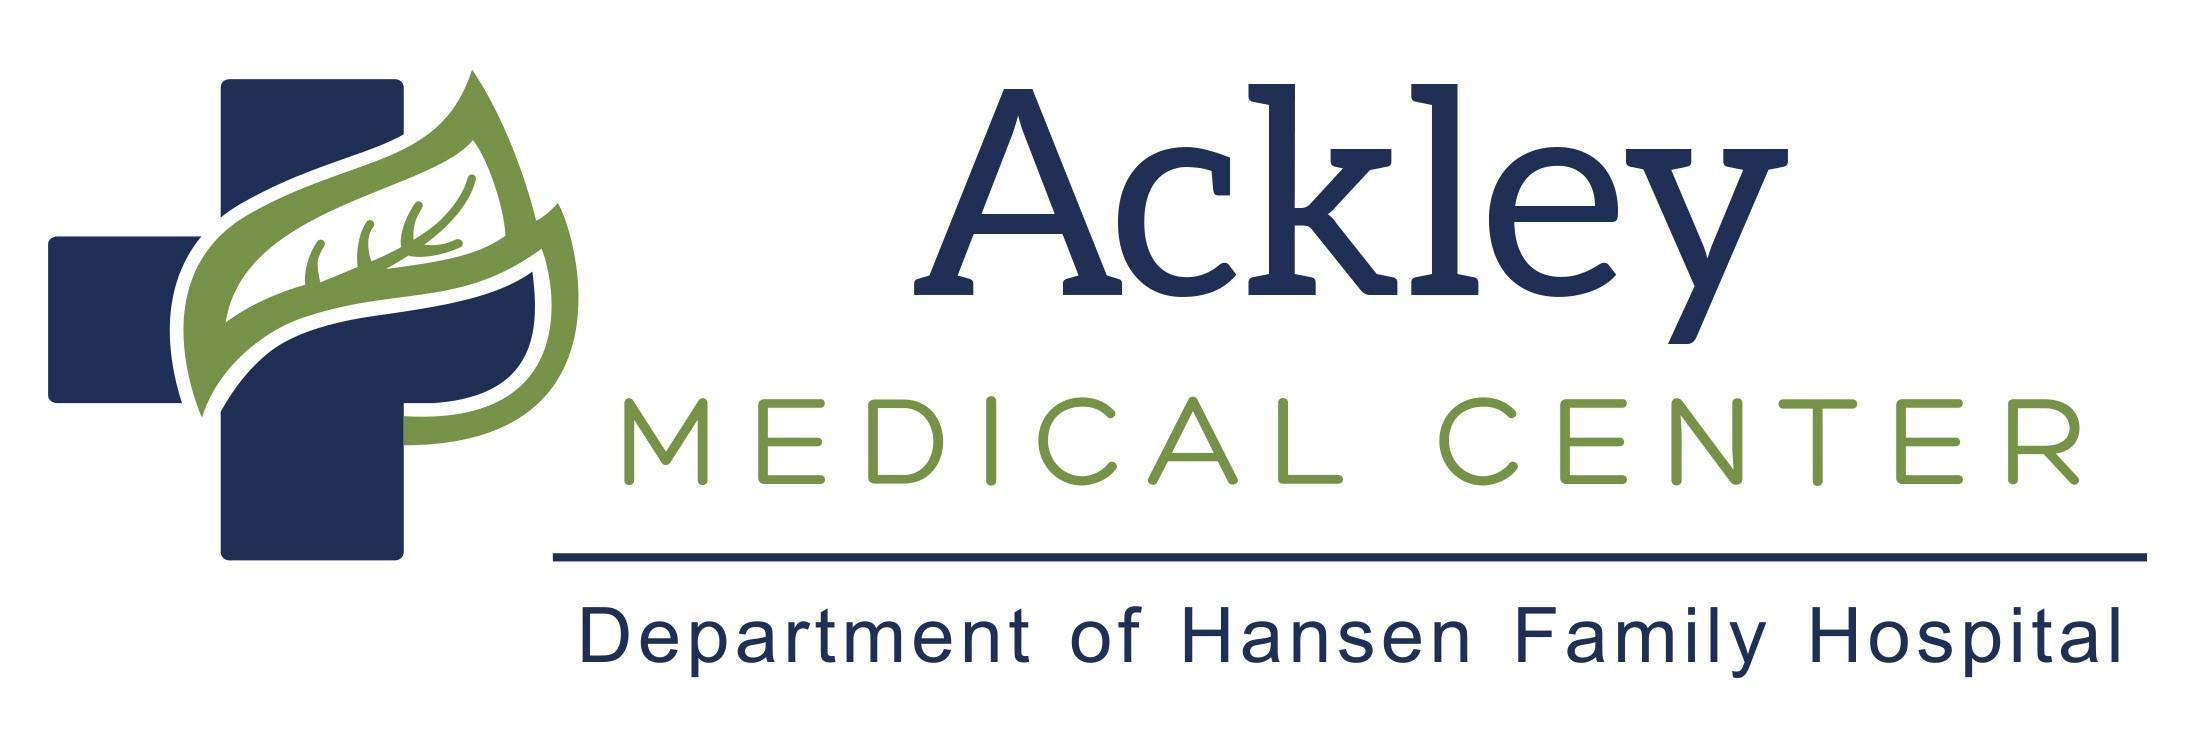 Ackley-medical.jpg